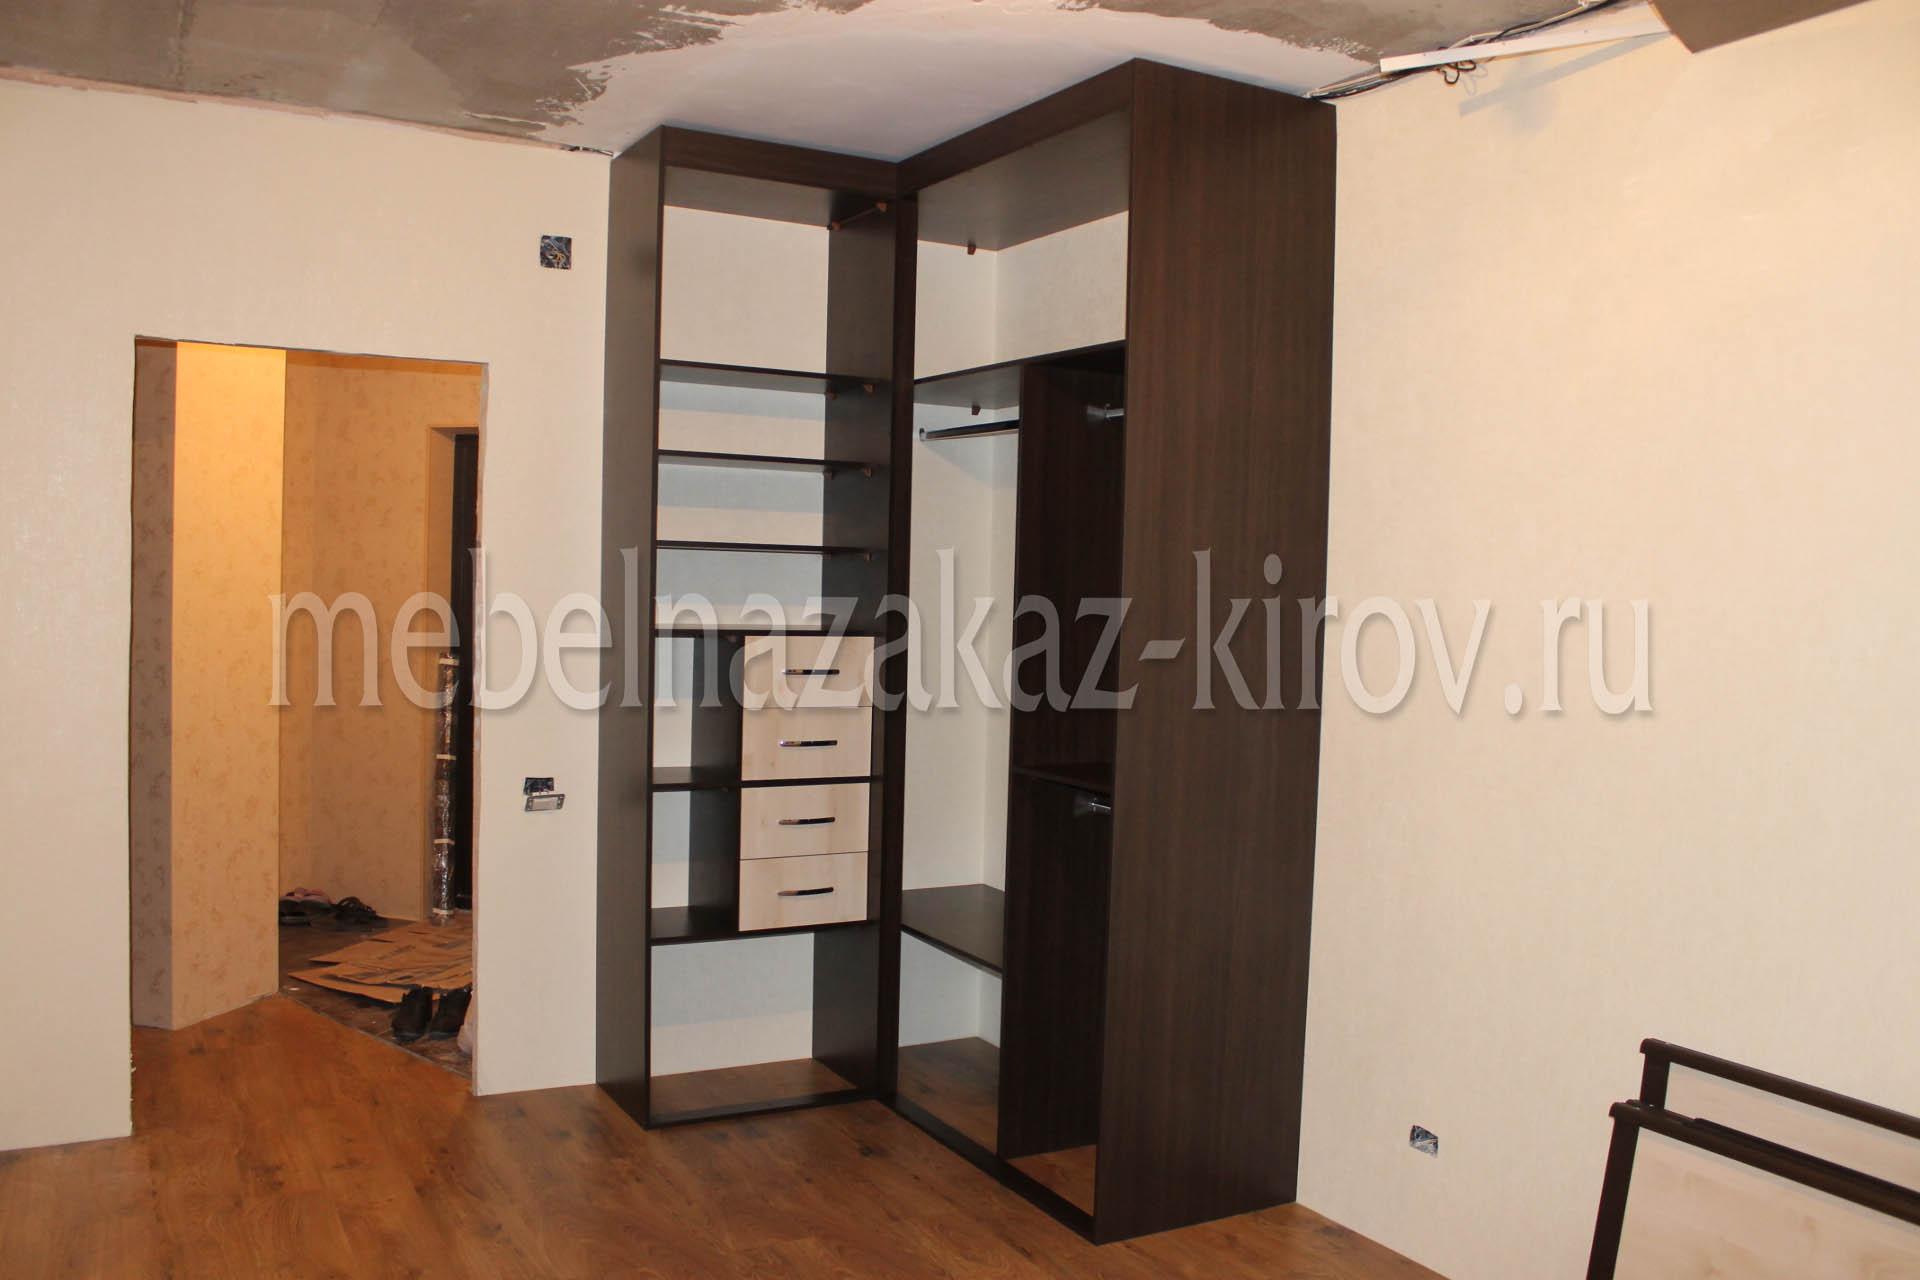 Угловой шкаф на заказ с распашным механизмом дверей мебель к.